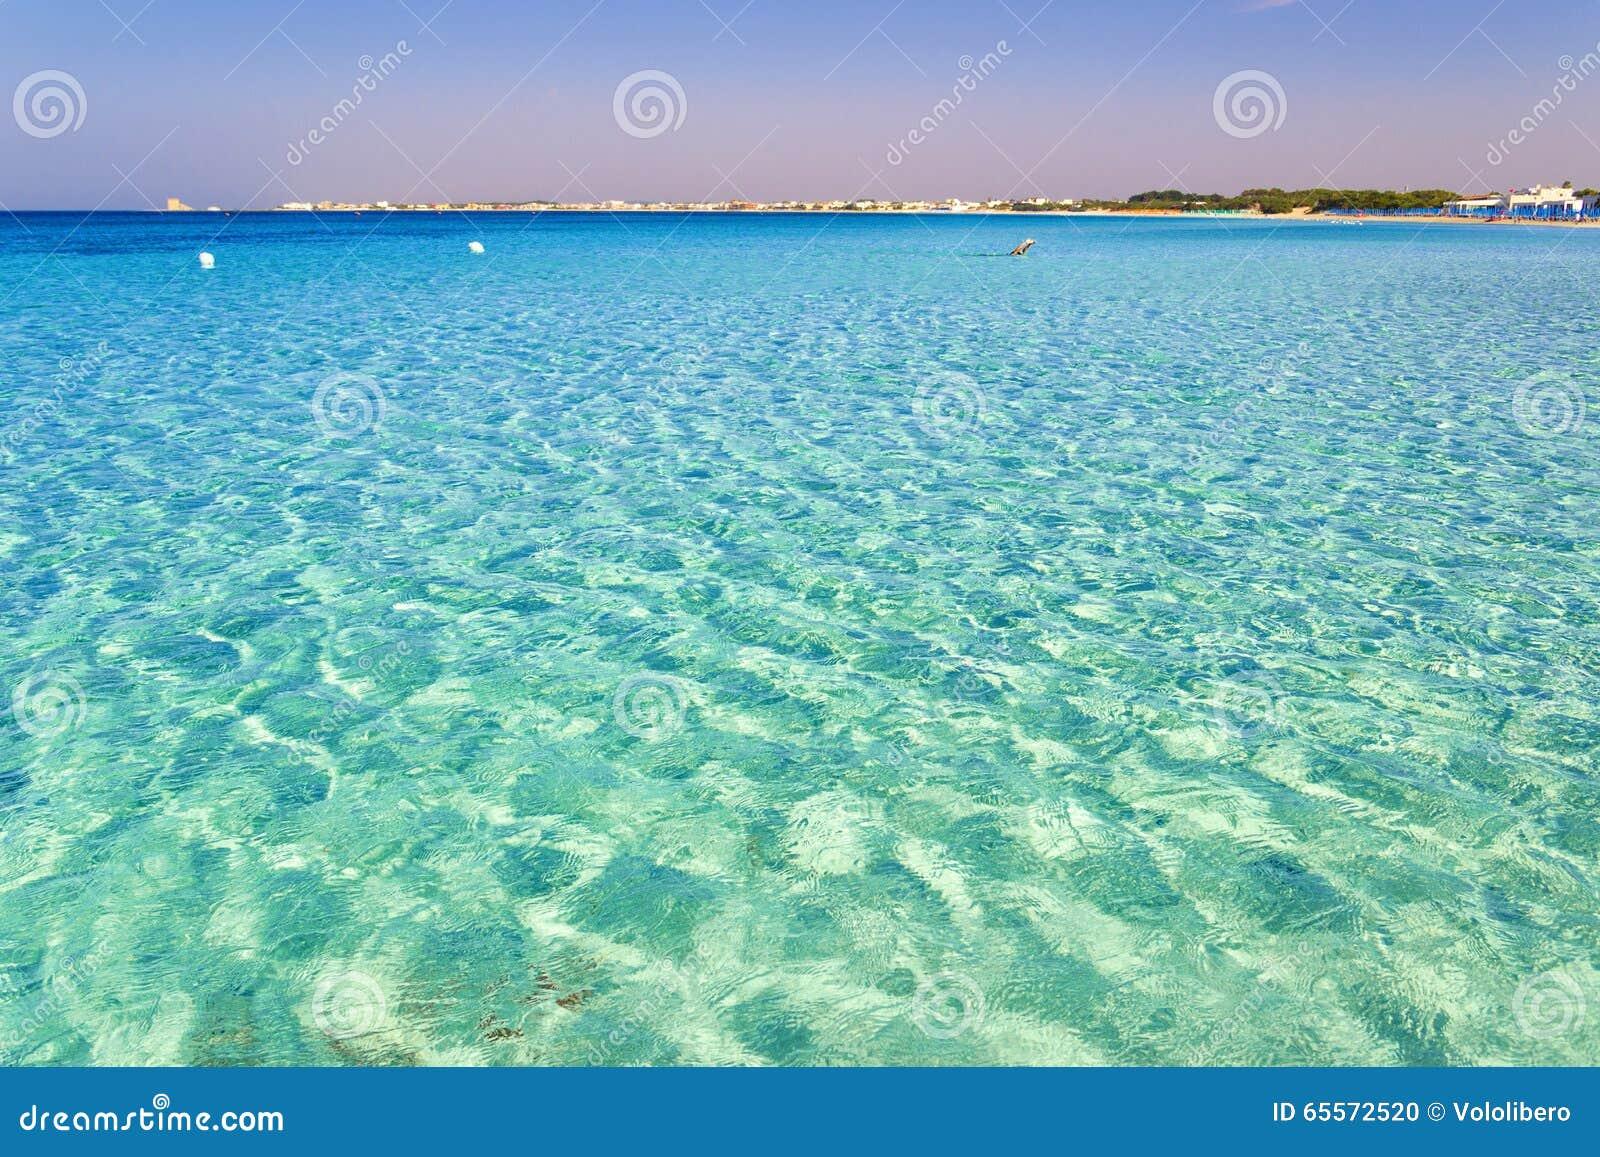 Piękne piaskowate plaże Apulia: Porto Cesareo żołnierz piechoty morskiej, Salento coastITALY (Lecka)